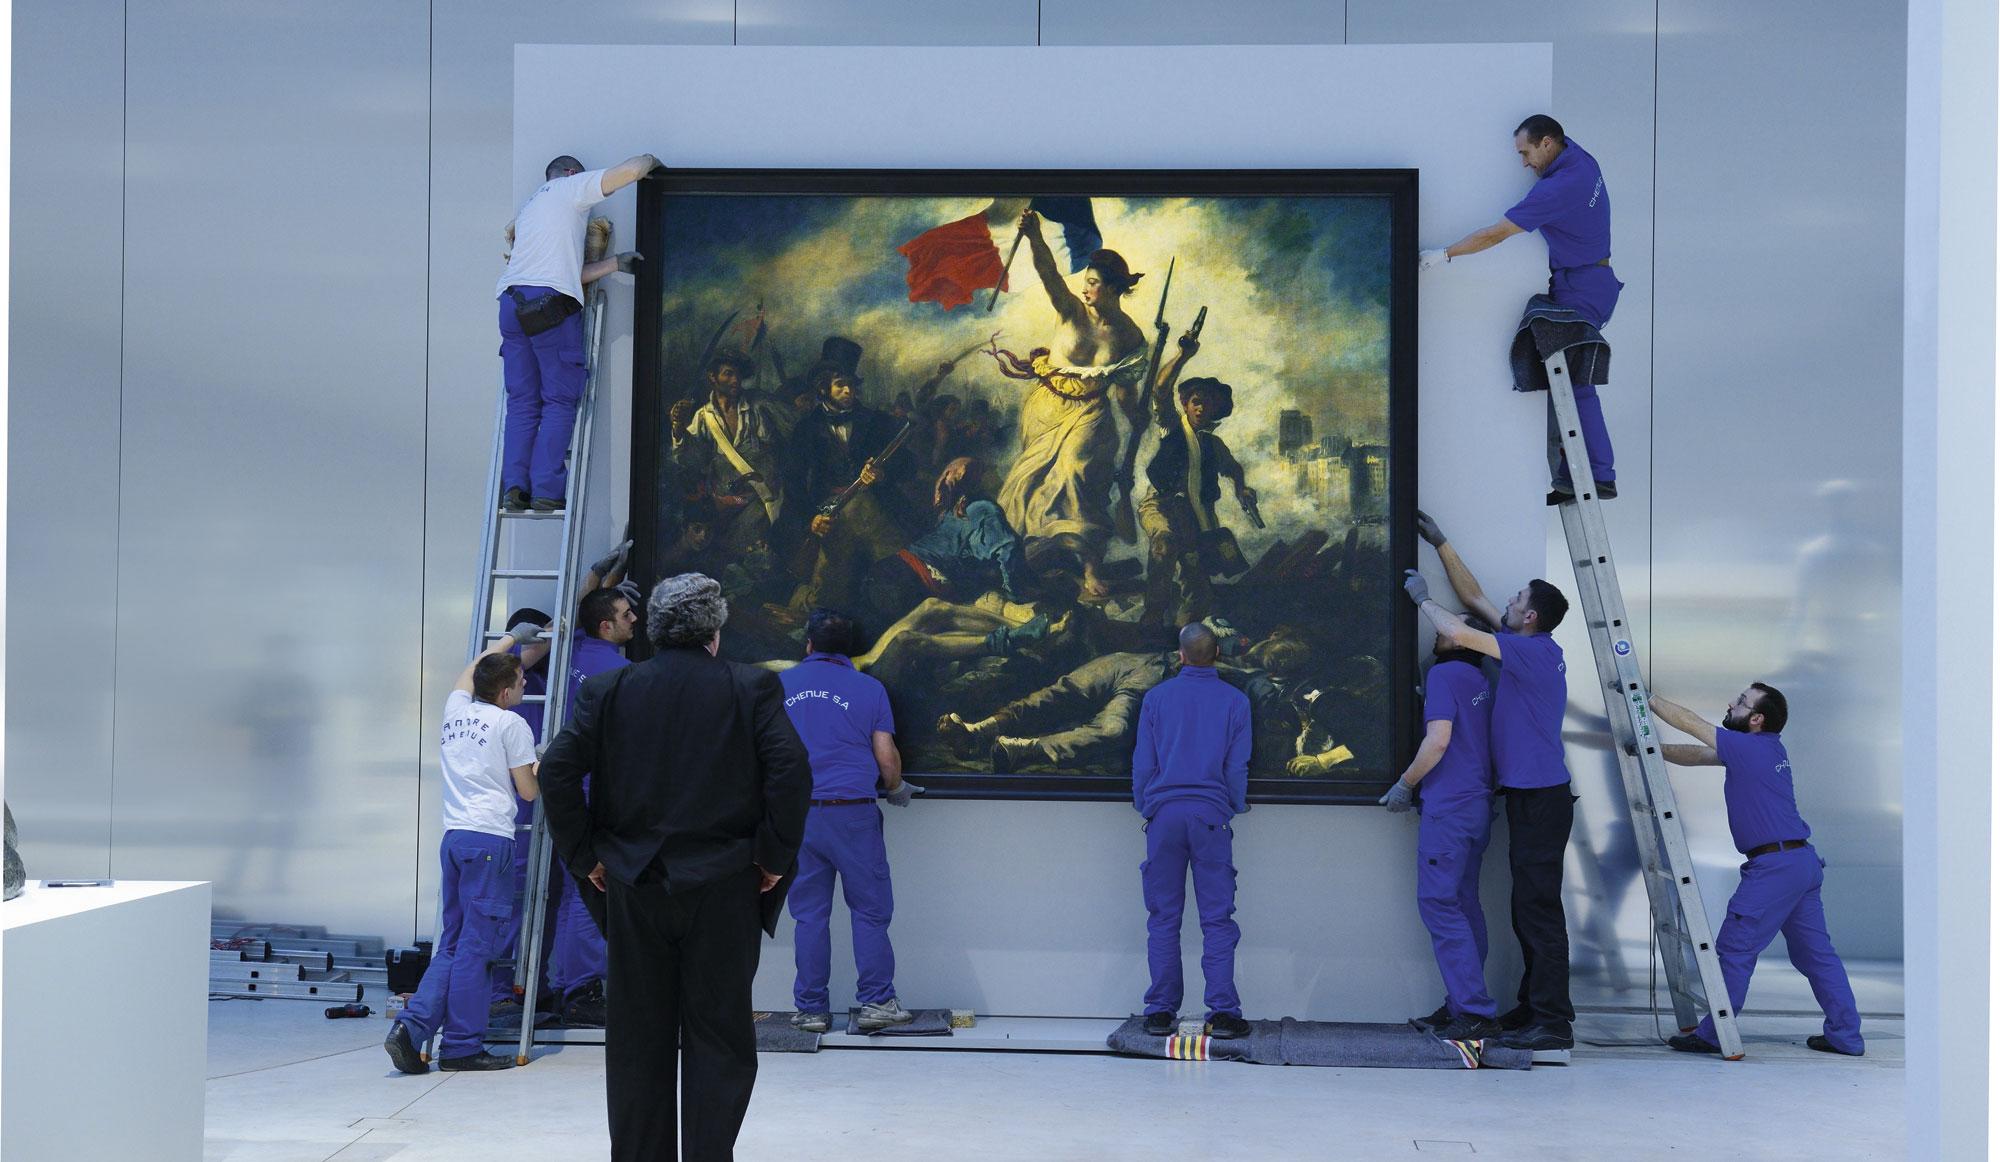 Le-joyau-du-Louvre-Lens-tague.jpg